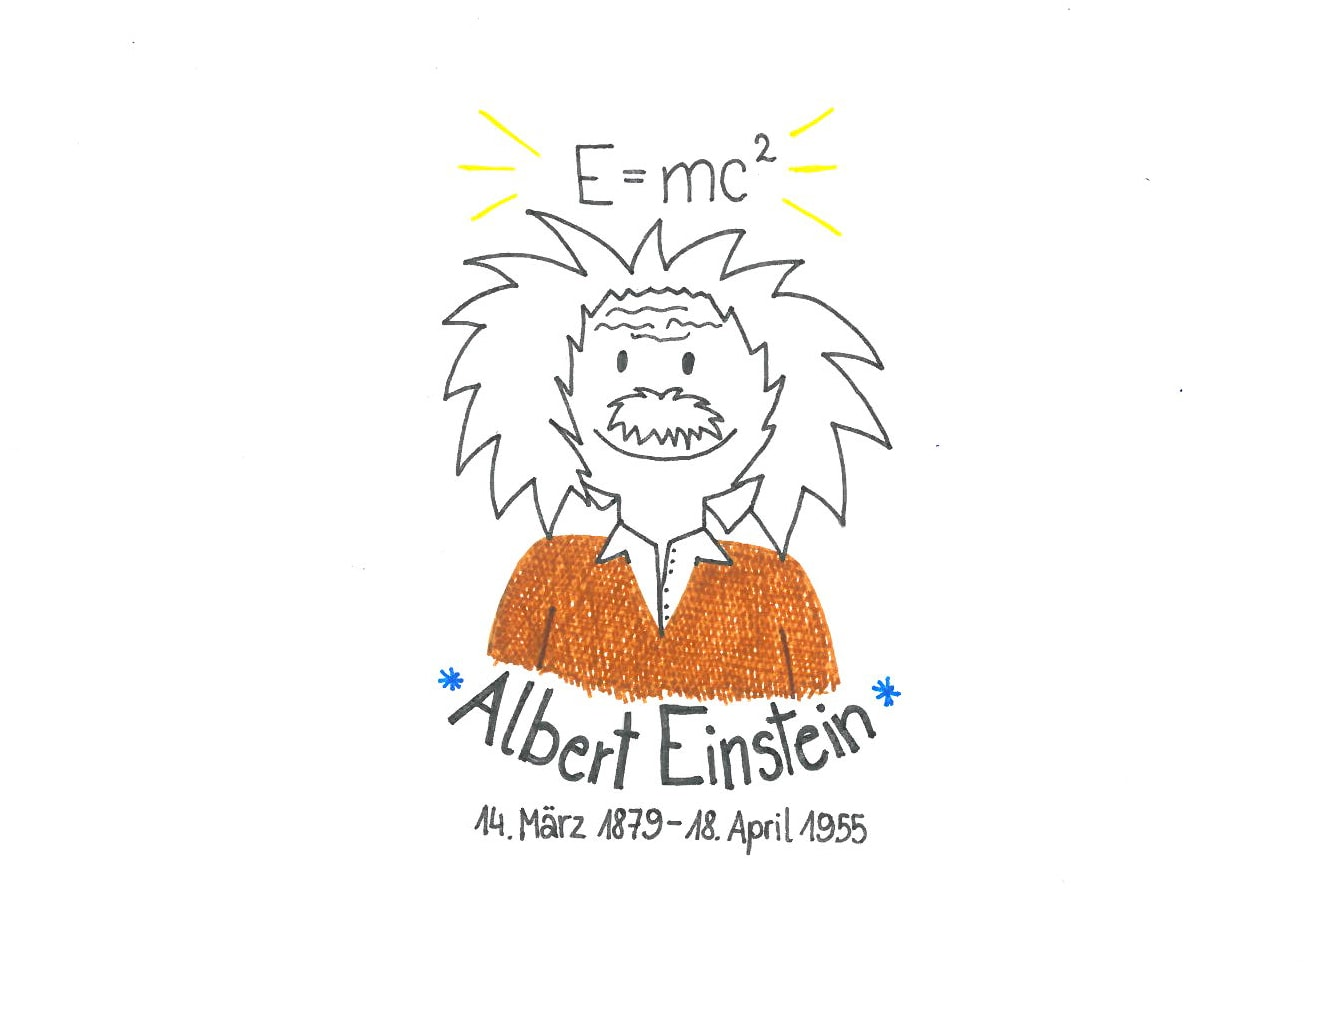 Illustration von Albert Einstein